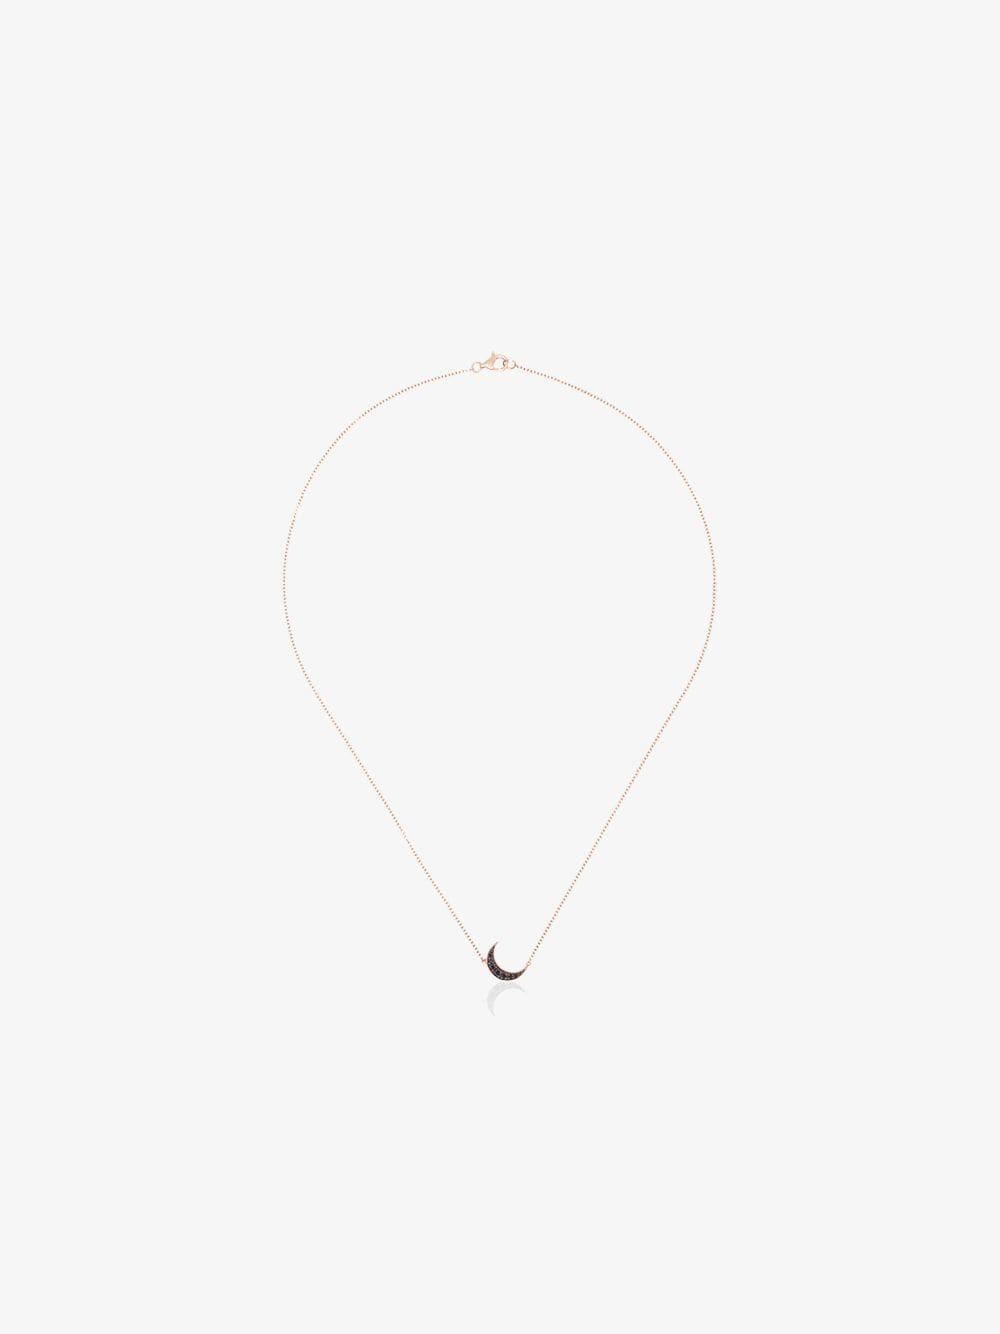 Andrea Fohrman mini crescent diamond necklace in gold